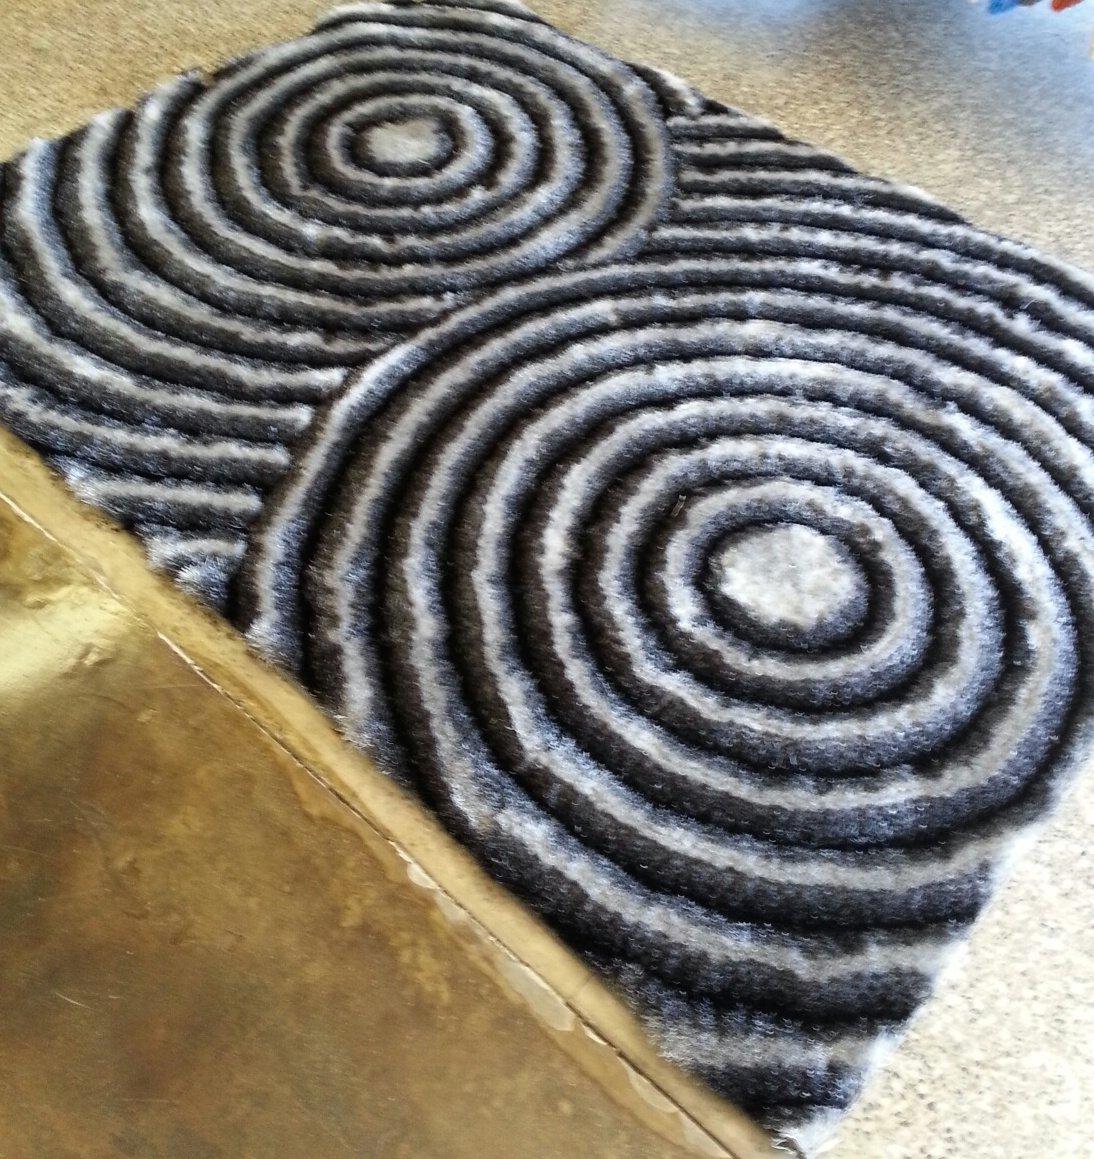 Amazon.com: RUGADDICTION Hermosa alfombra Color Gris hecha a mano estilo moderno suave y lujosa , gruesa pila de tamaño 60